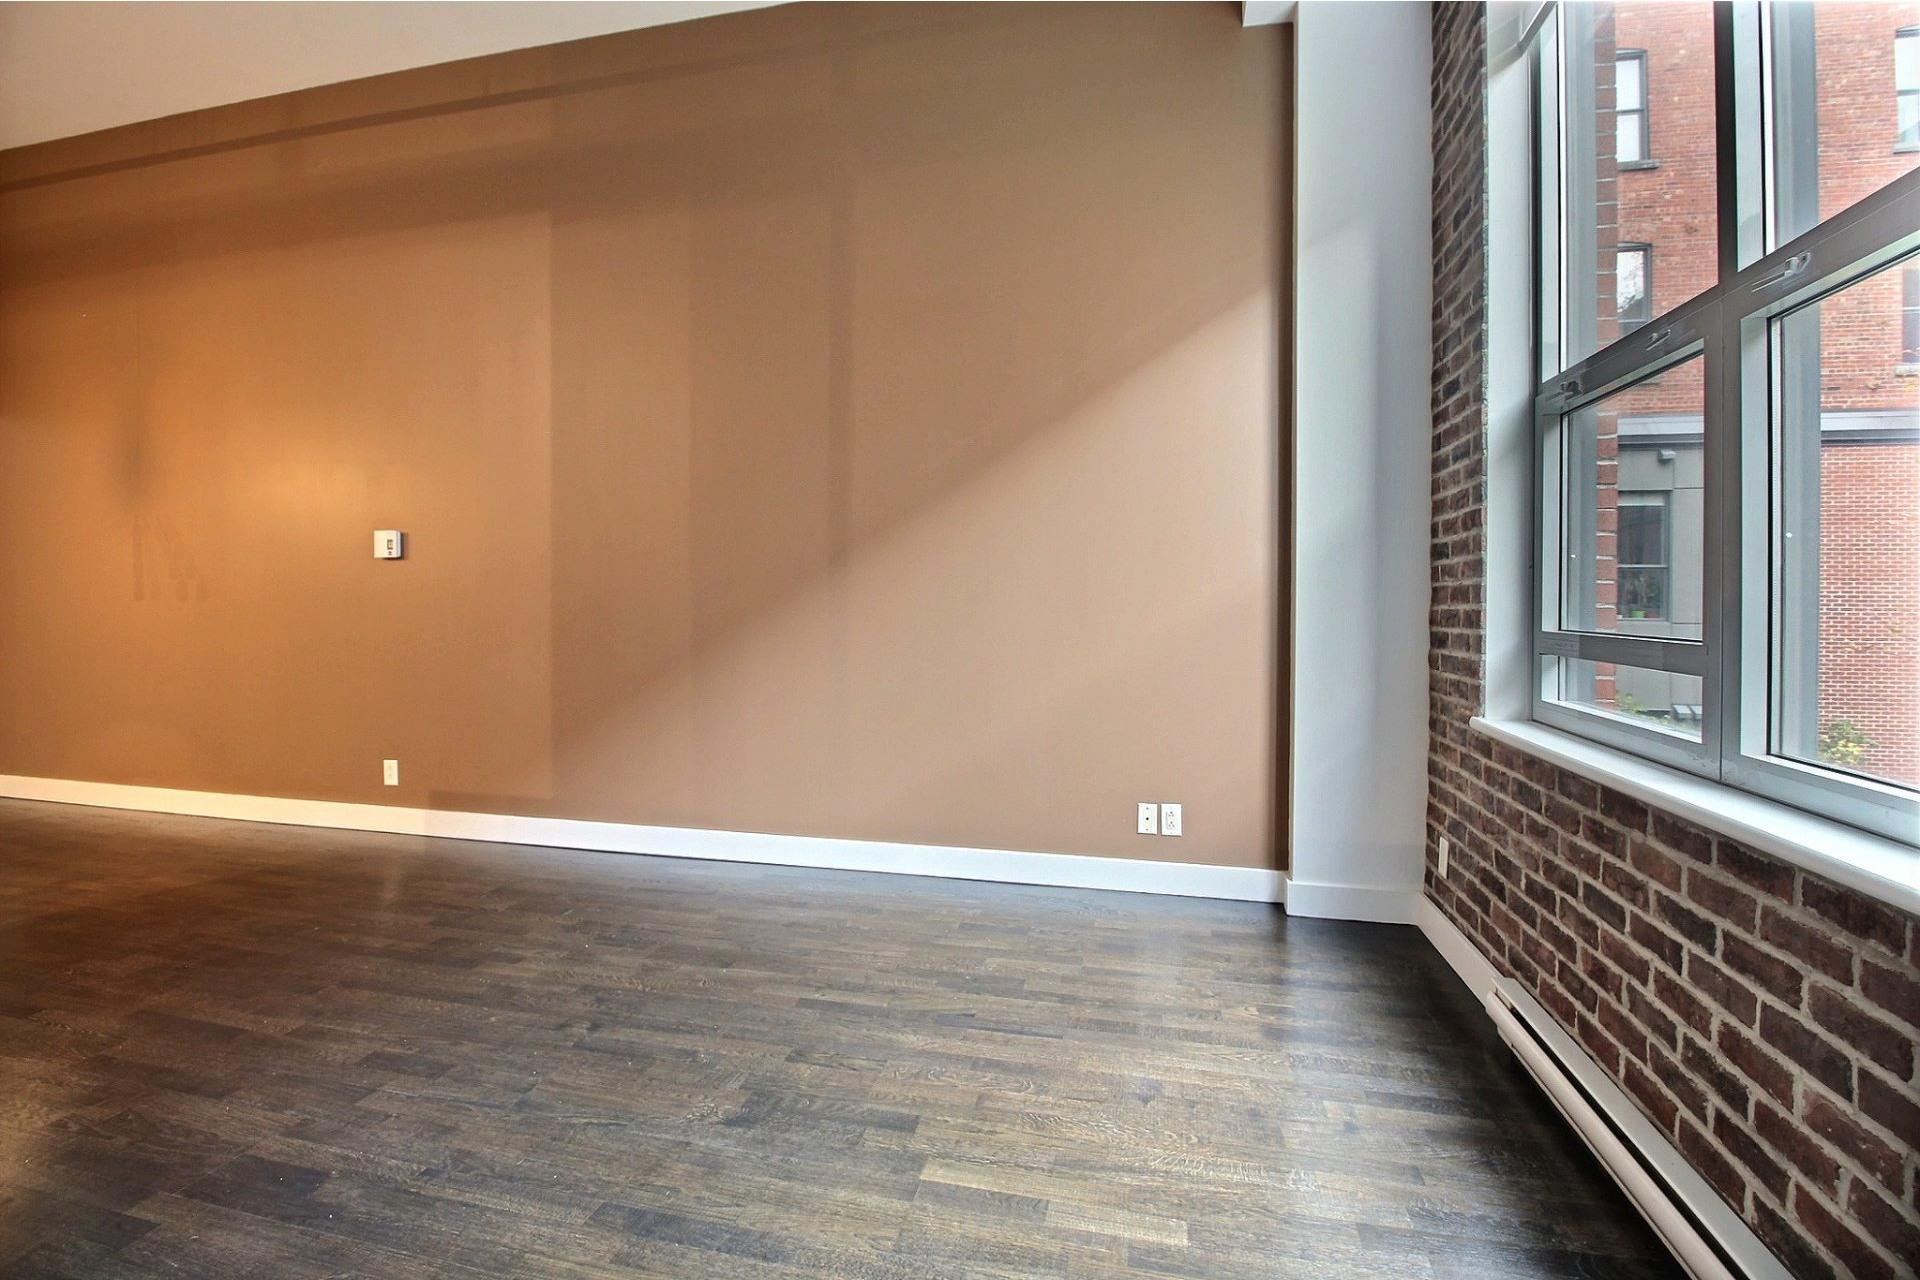 image 17 - Appartement À louer Mercier/Hochelaga-Maisonneuve Montréal  - 6 pièces